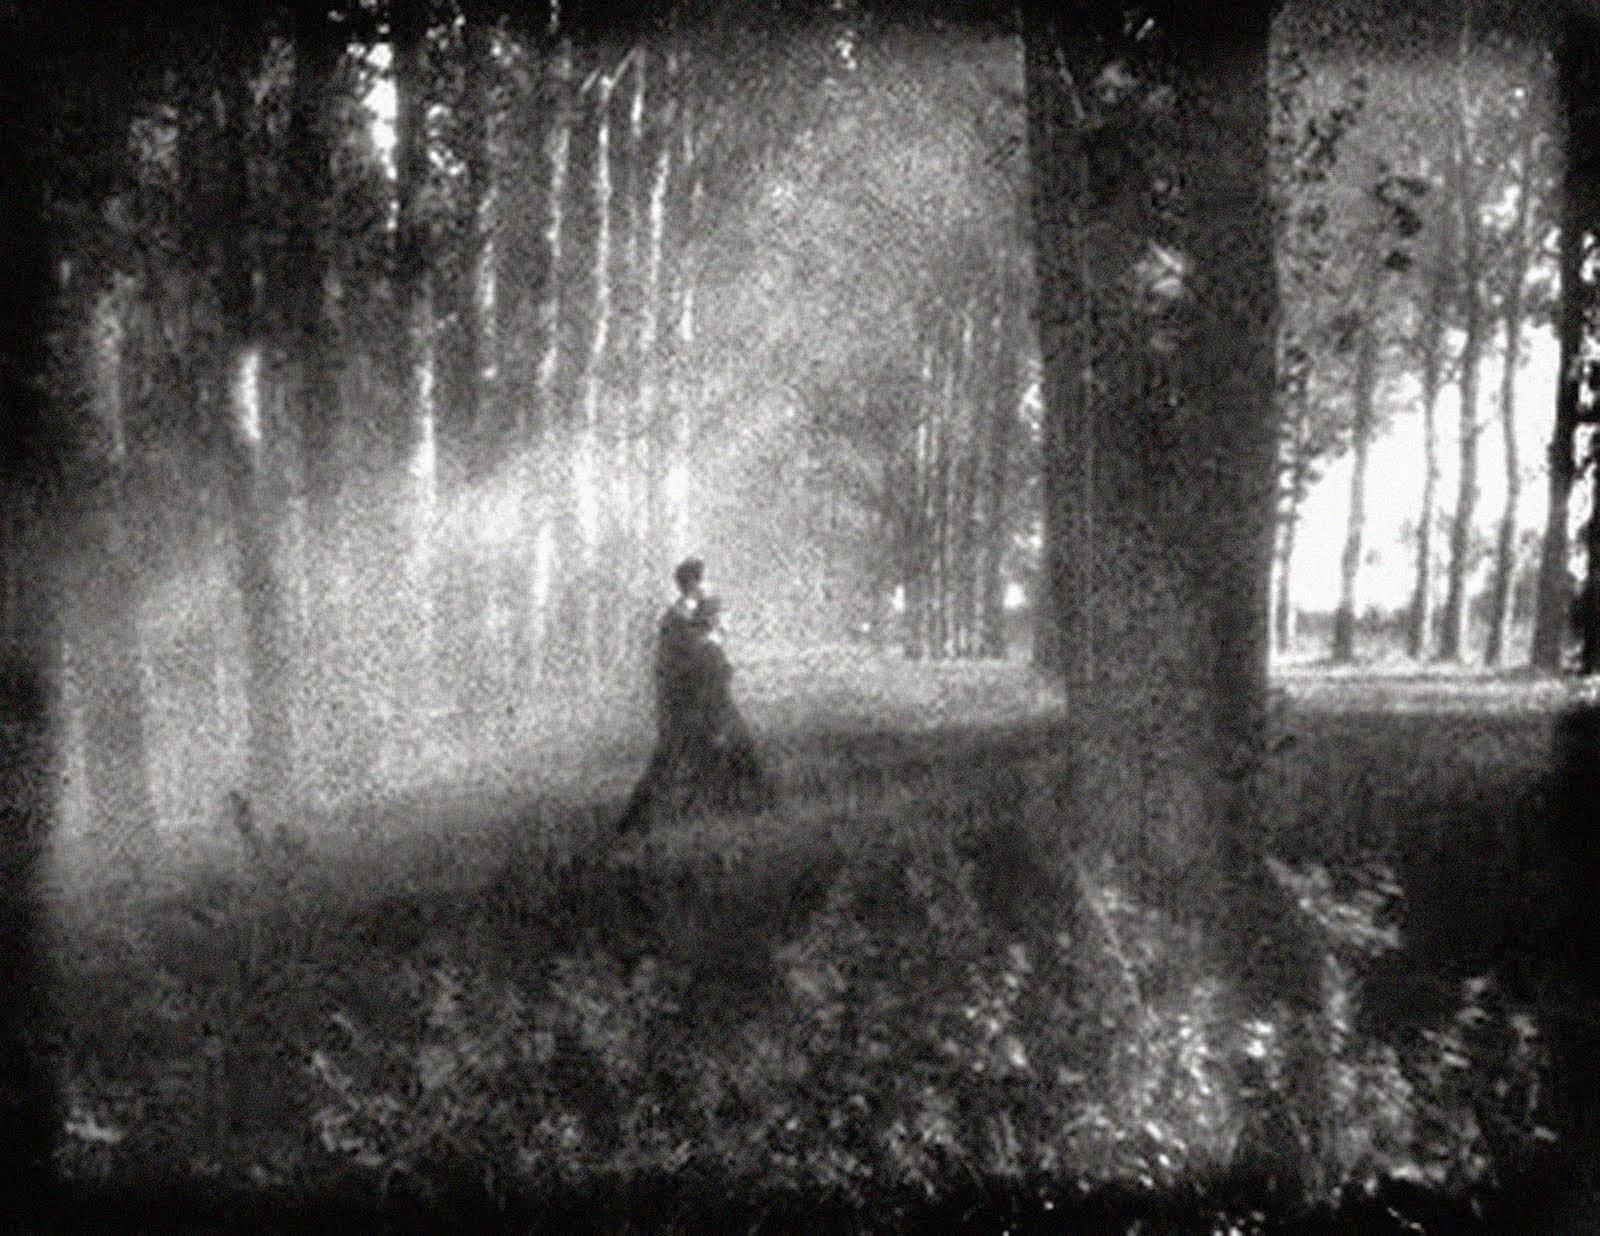 Los lunes de culto: Vampyr (1932), de Carl Theodor Dreyer | Los ...